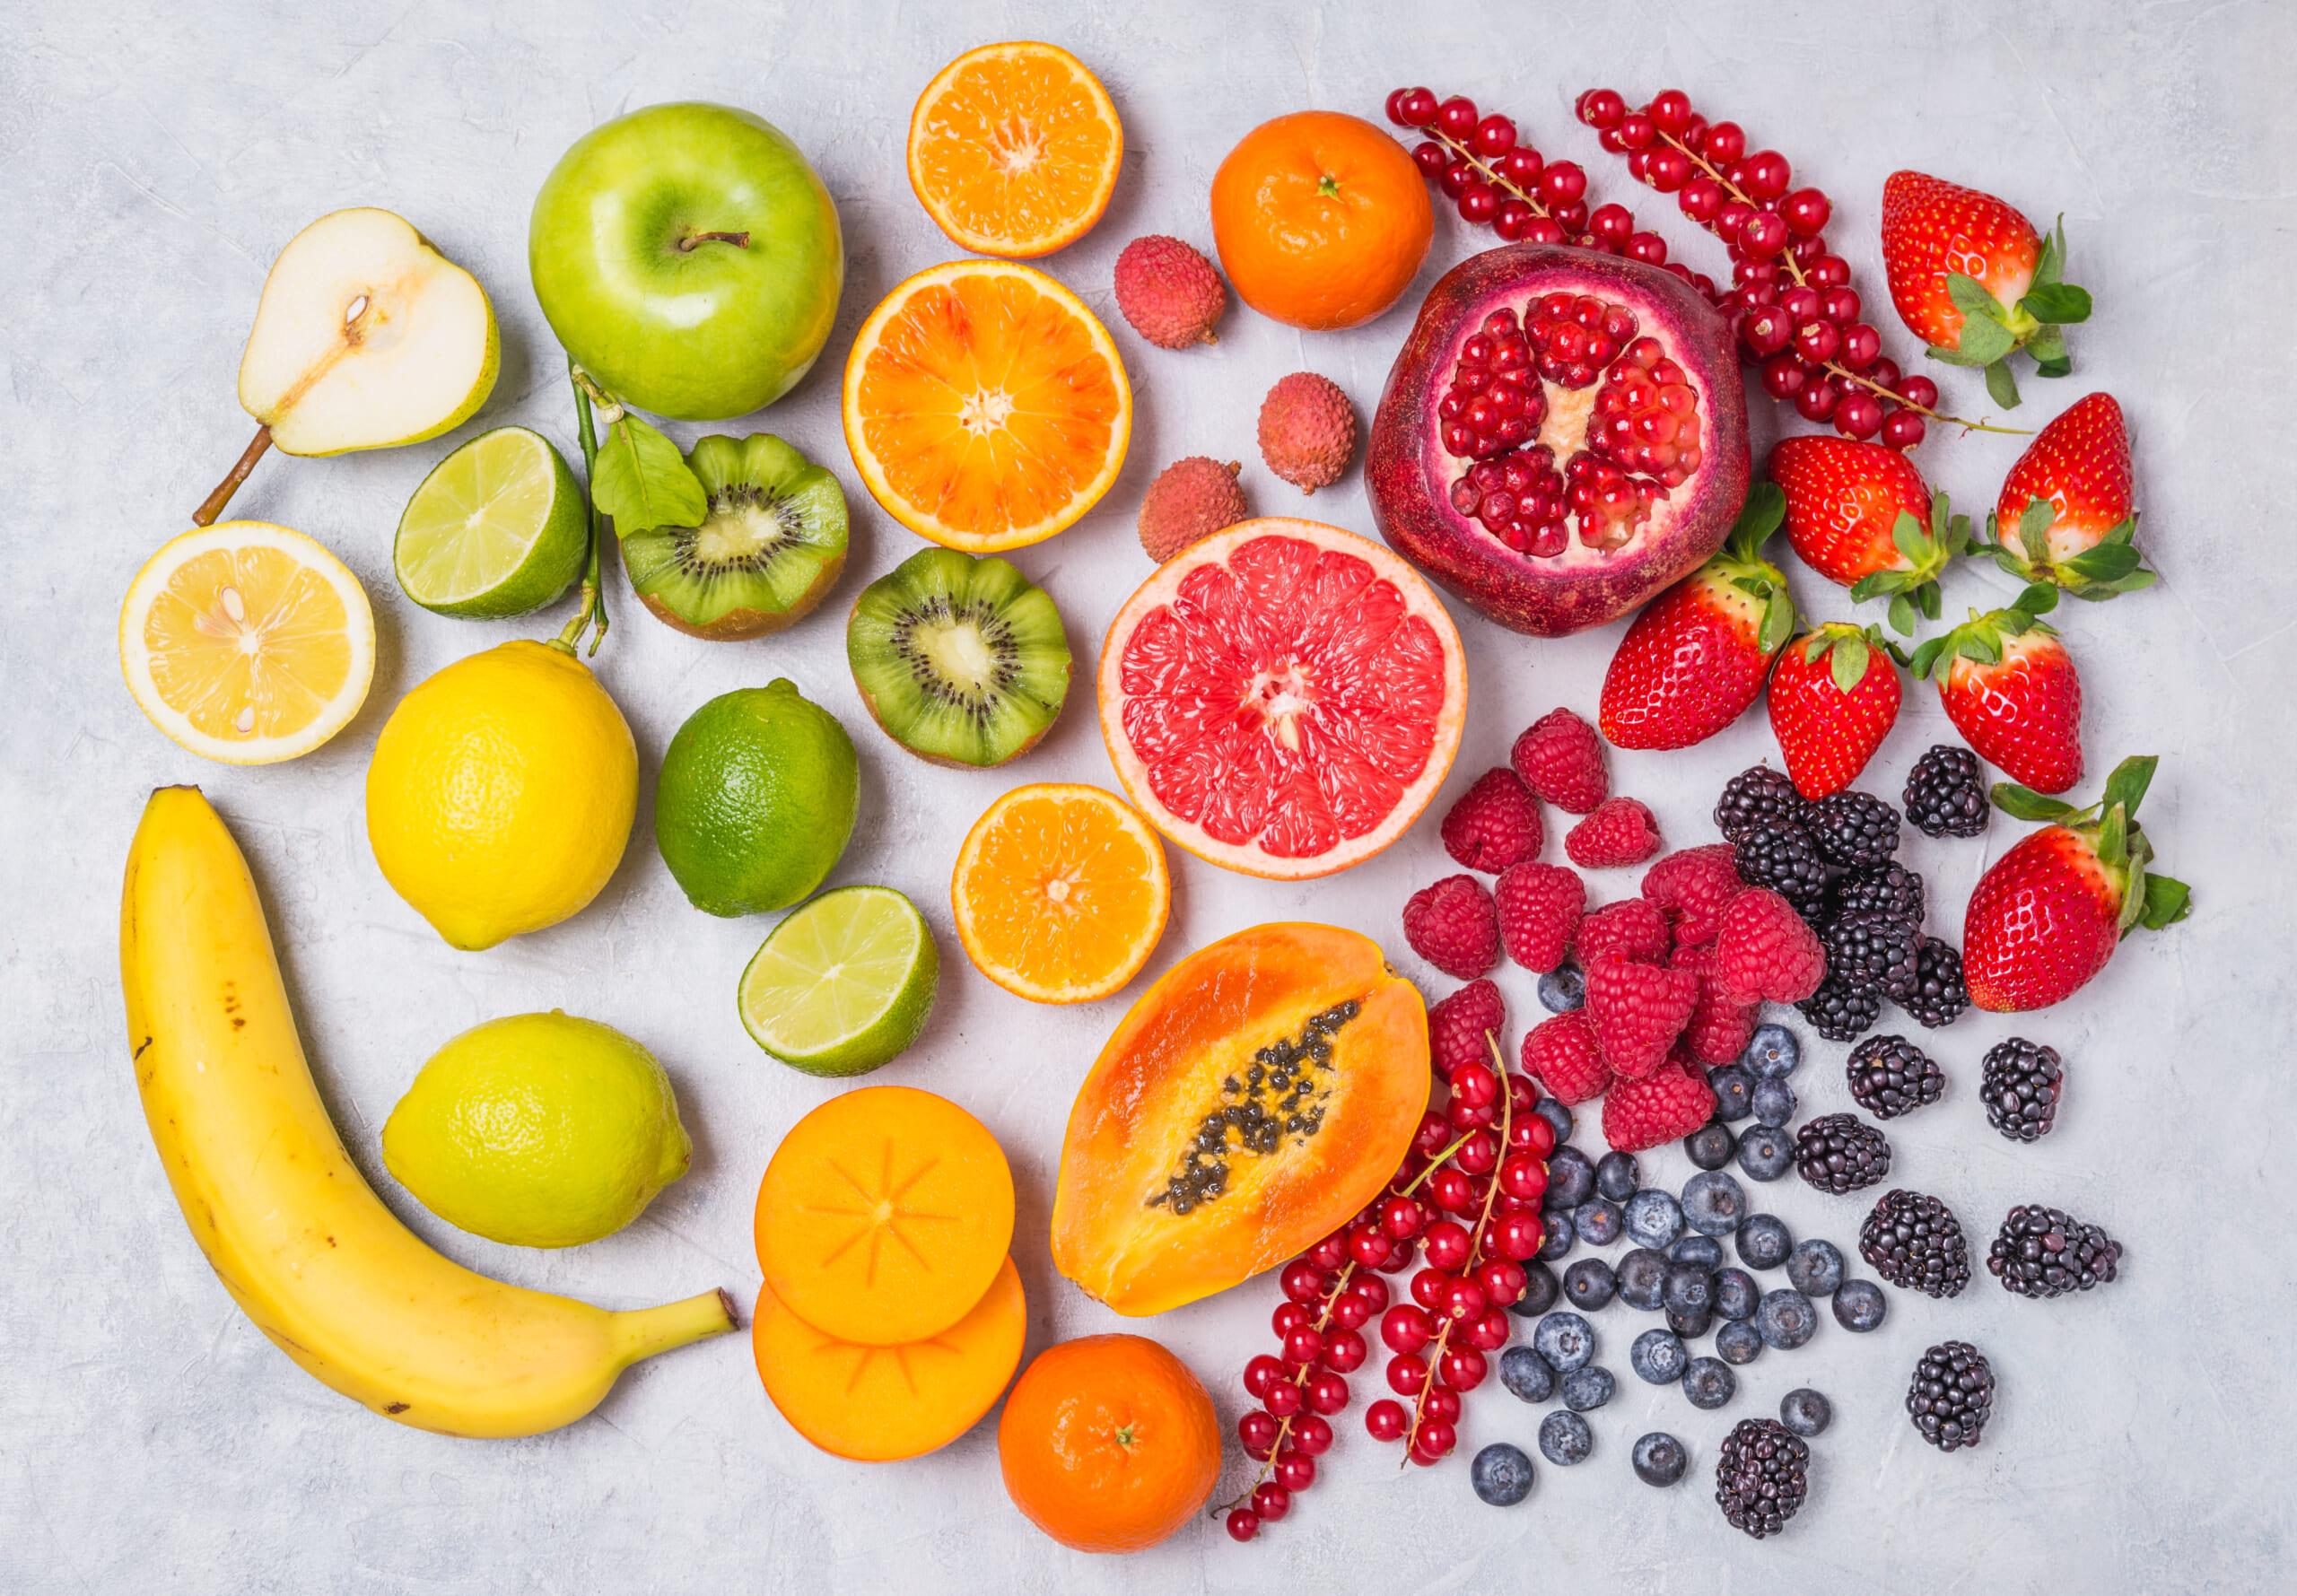 色で選ぶダイエットに役立つ果物